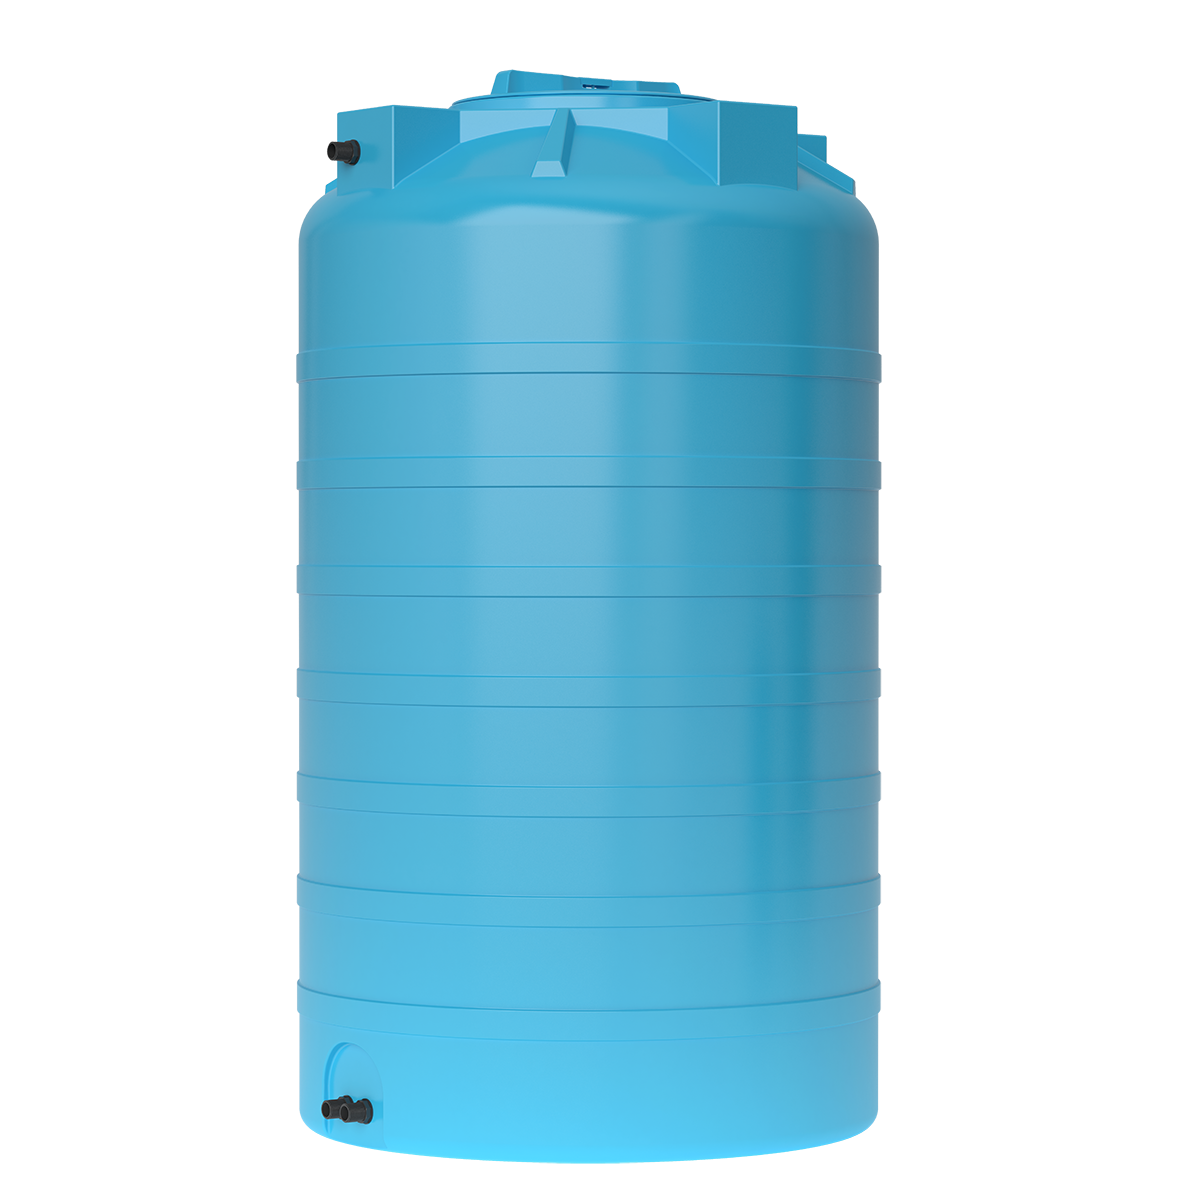 Бак для воды синий ATV 500 с поплавком